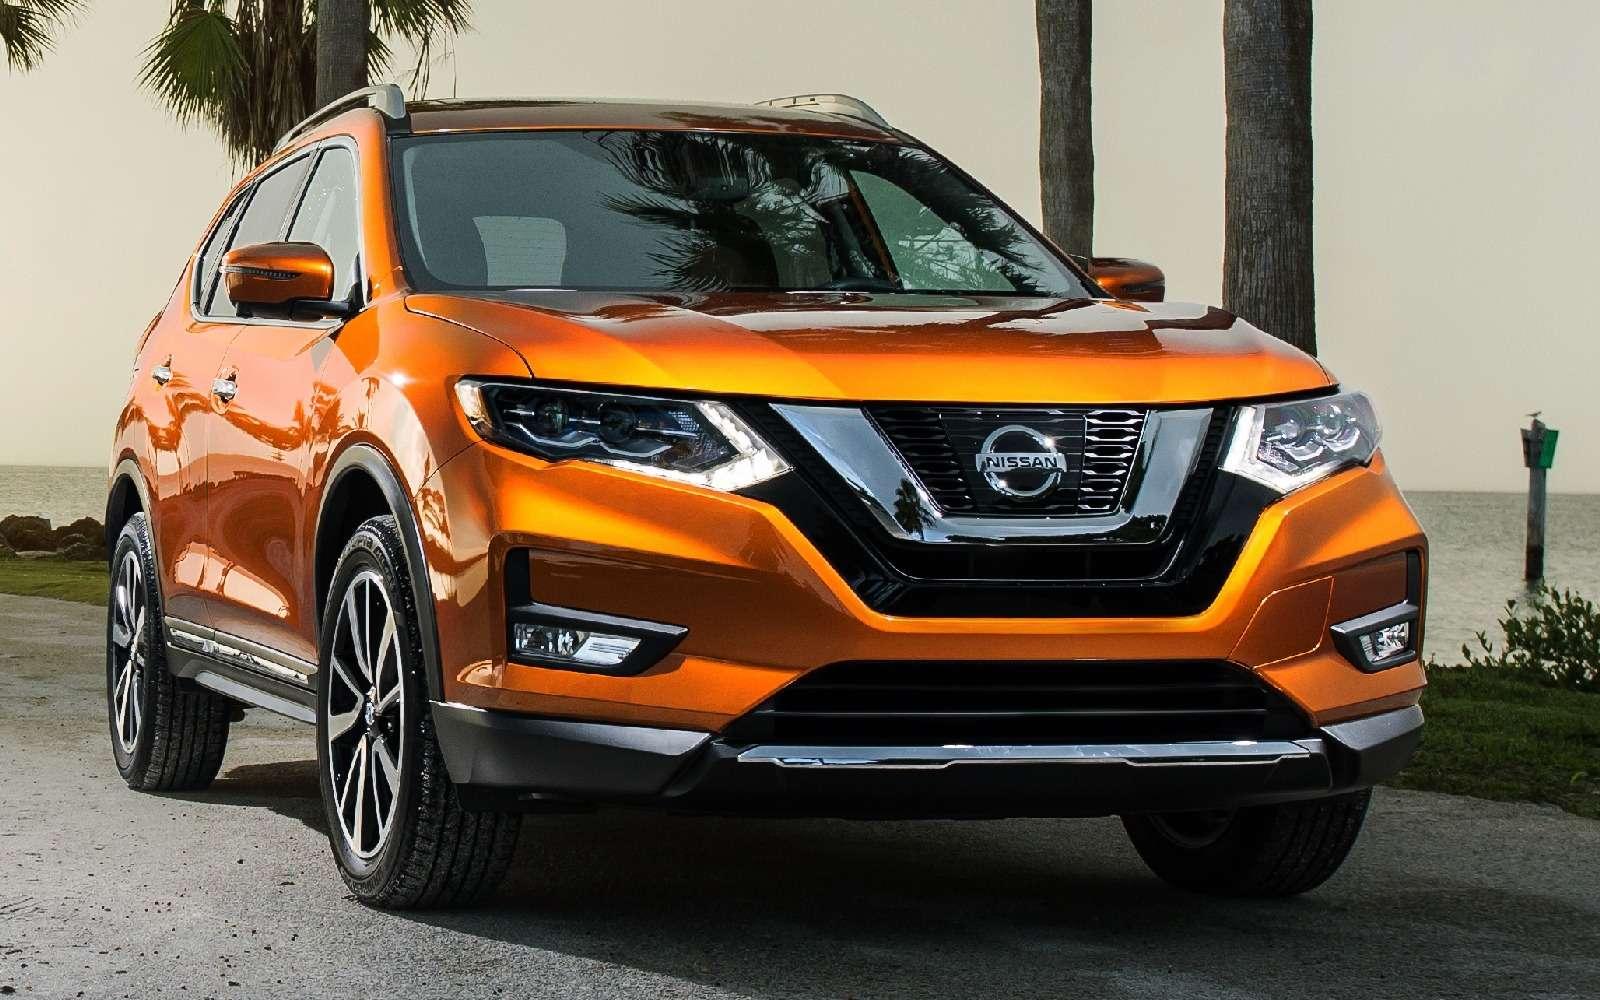 Говорим Rogue, подразумеваем X-Trail: популярный кроссовер Nissan обновился— фото 633614